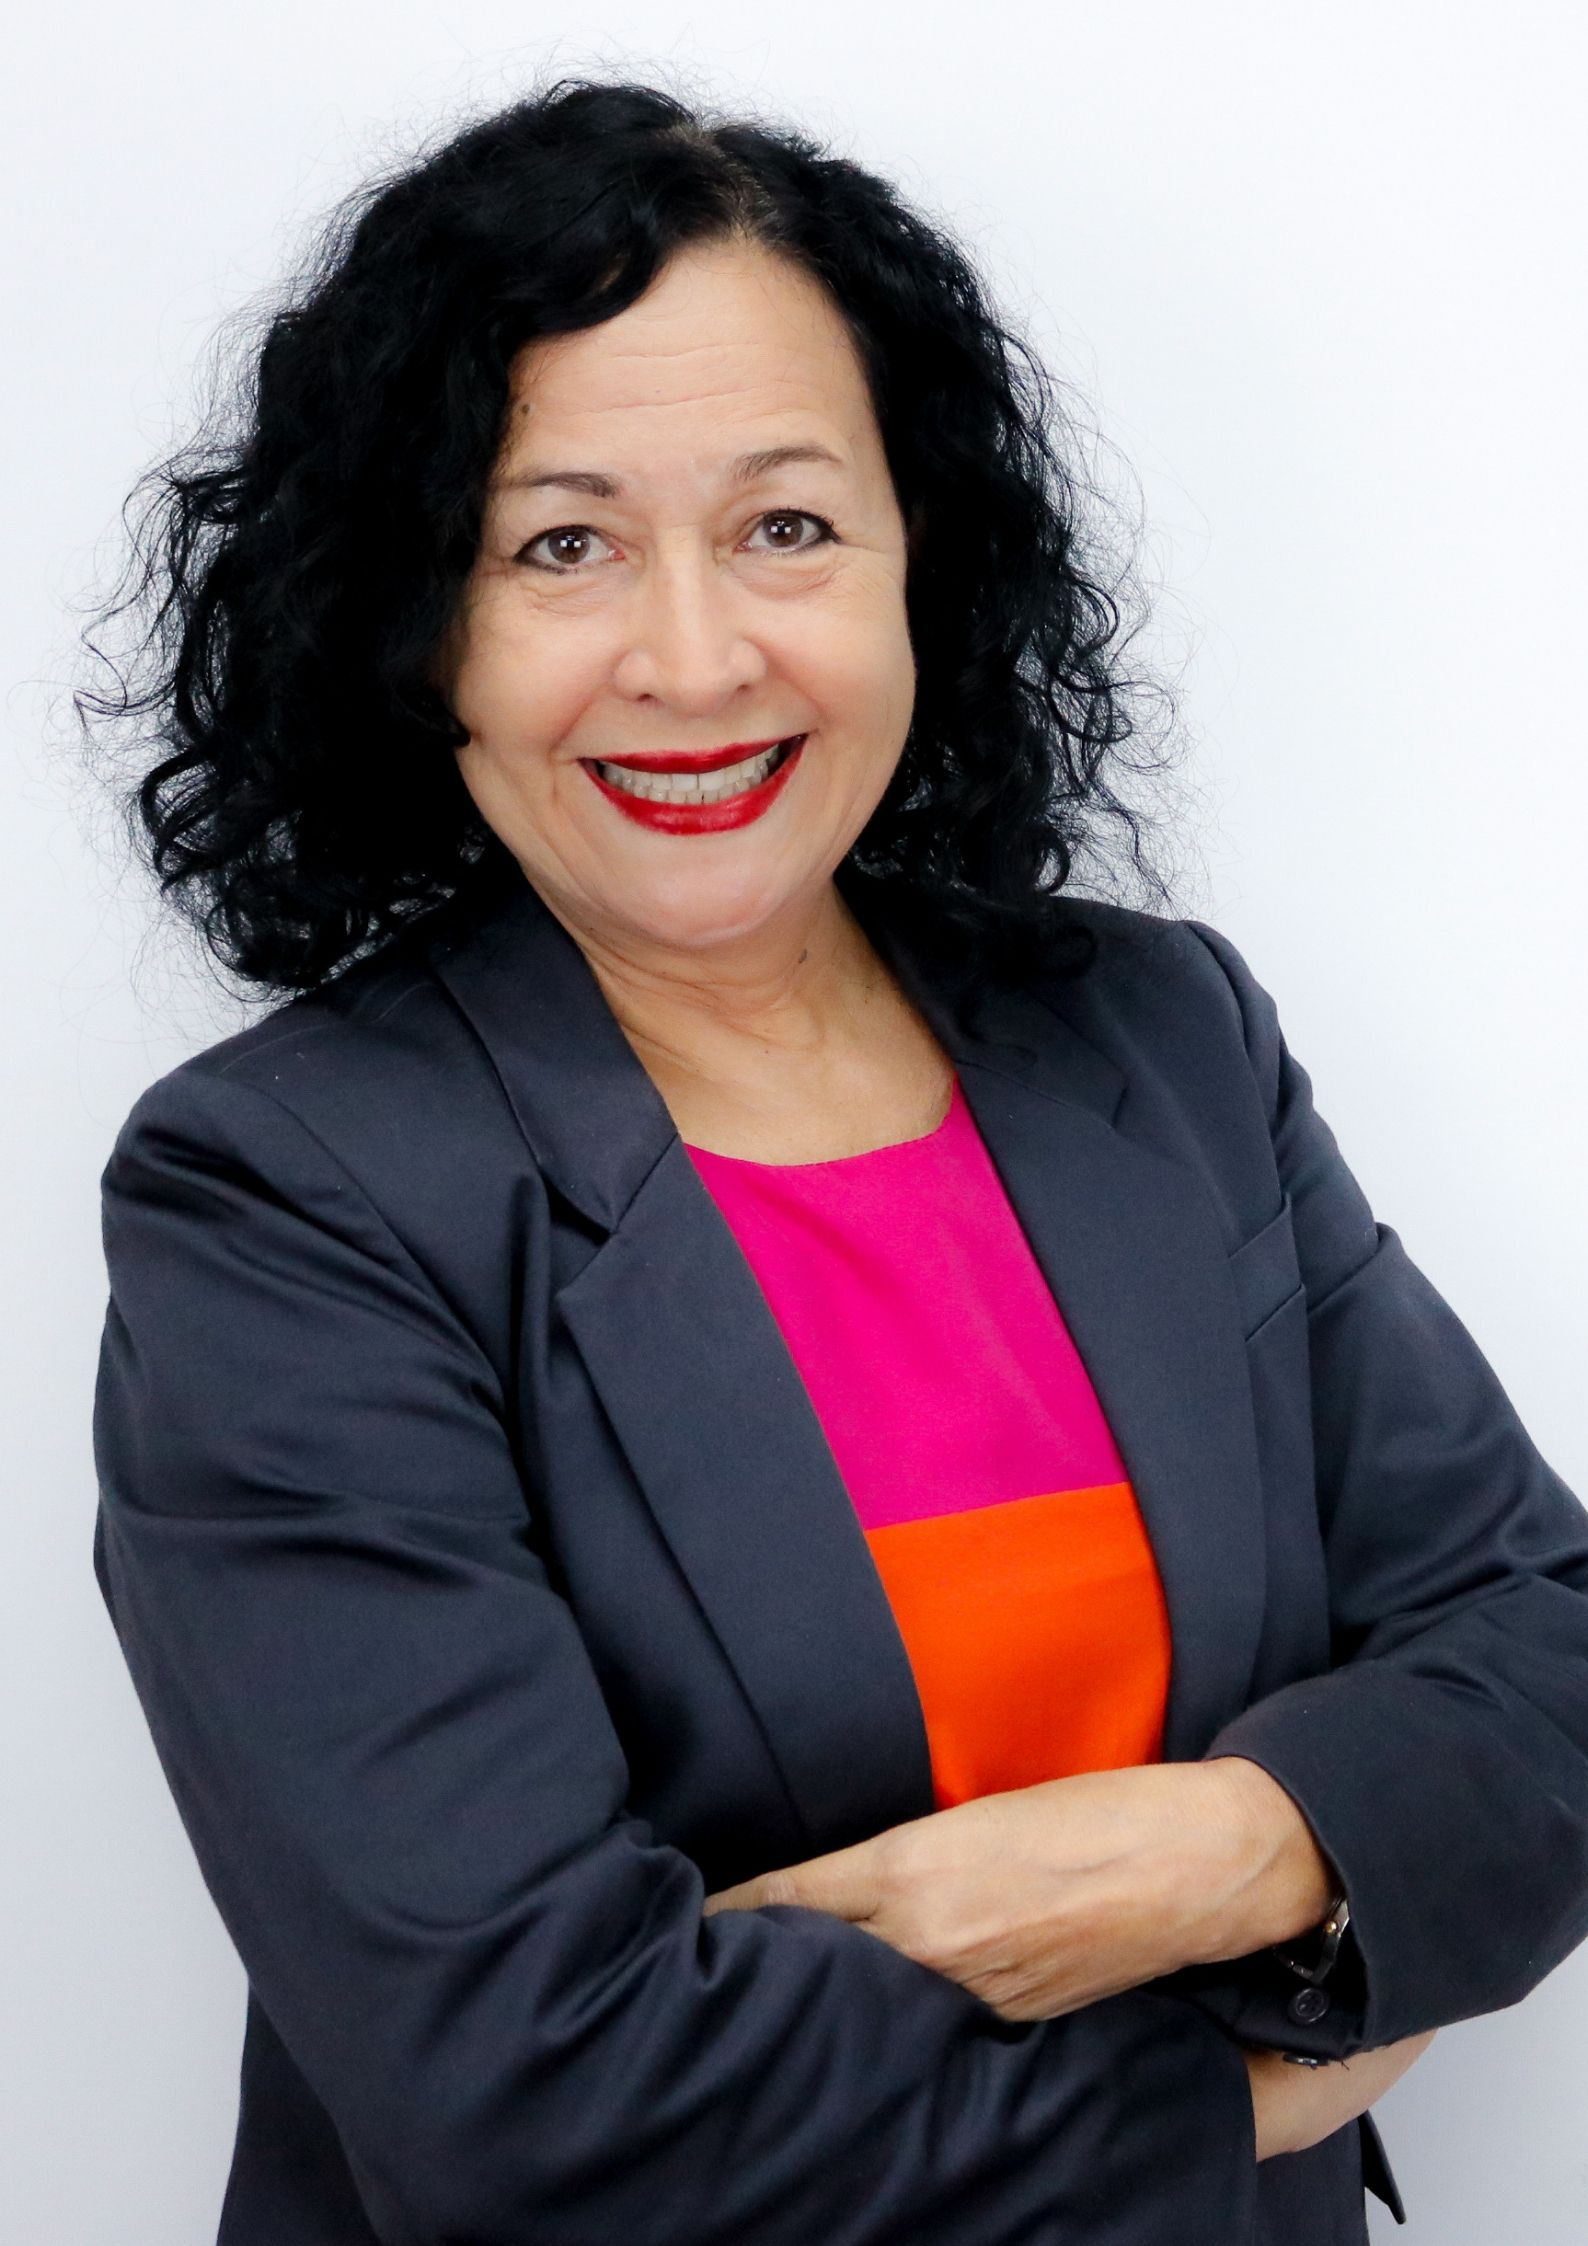 Maritza Rojas